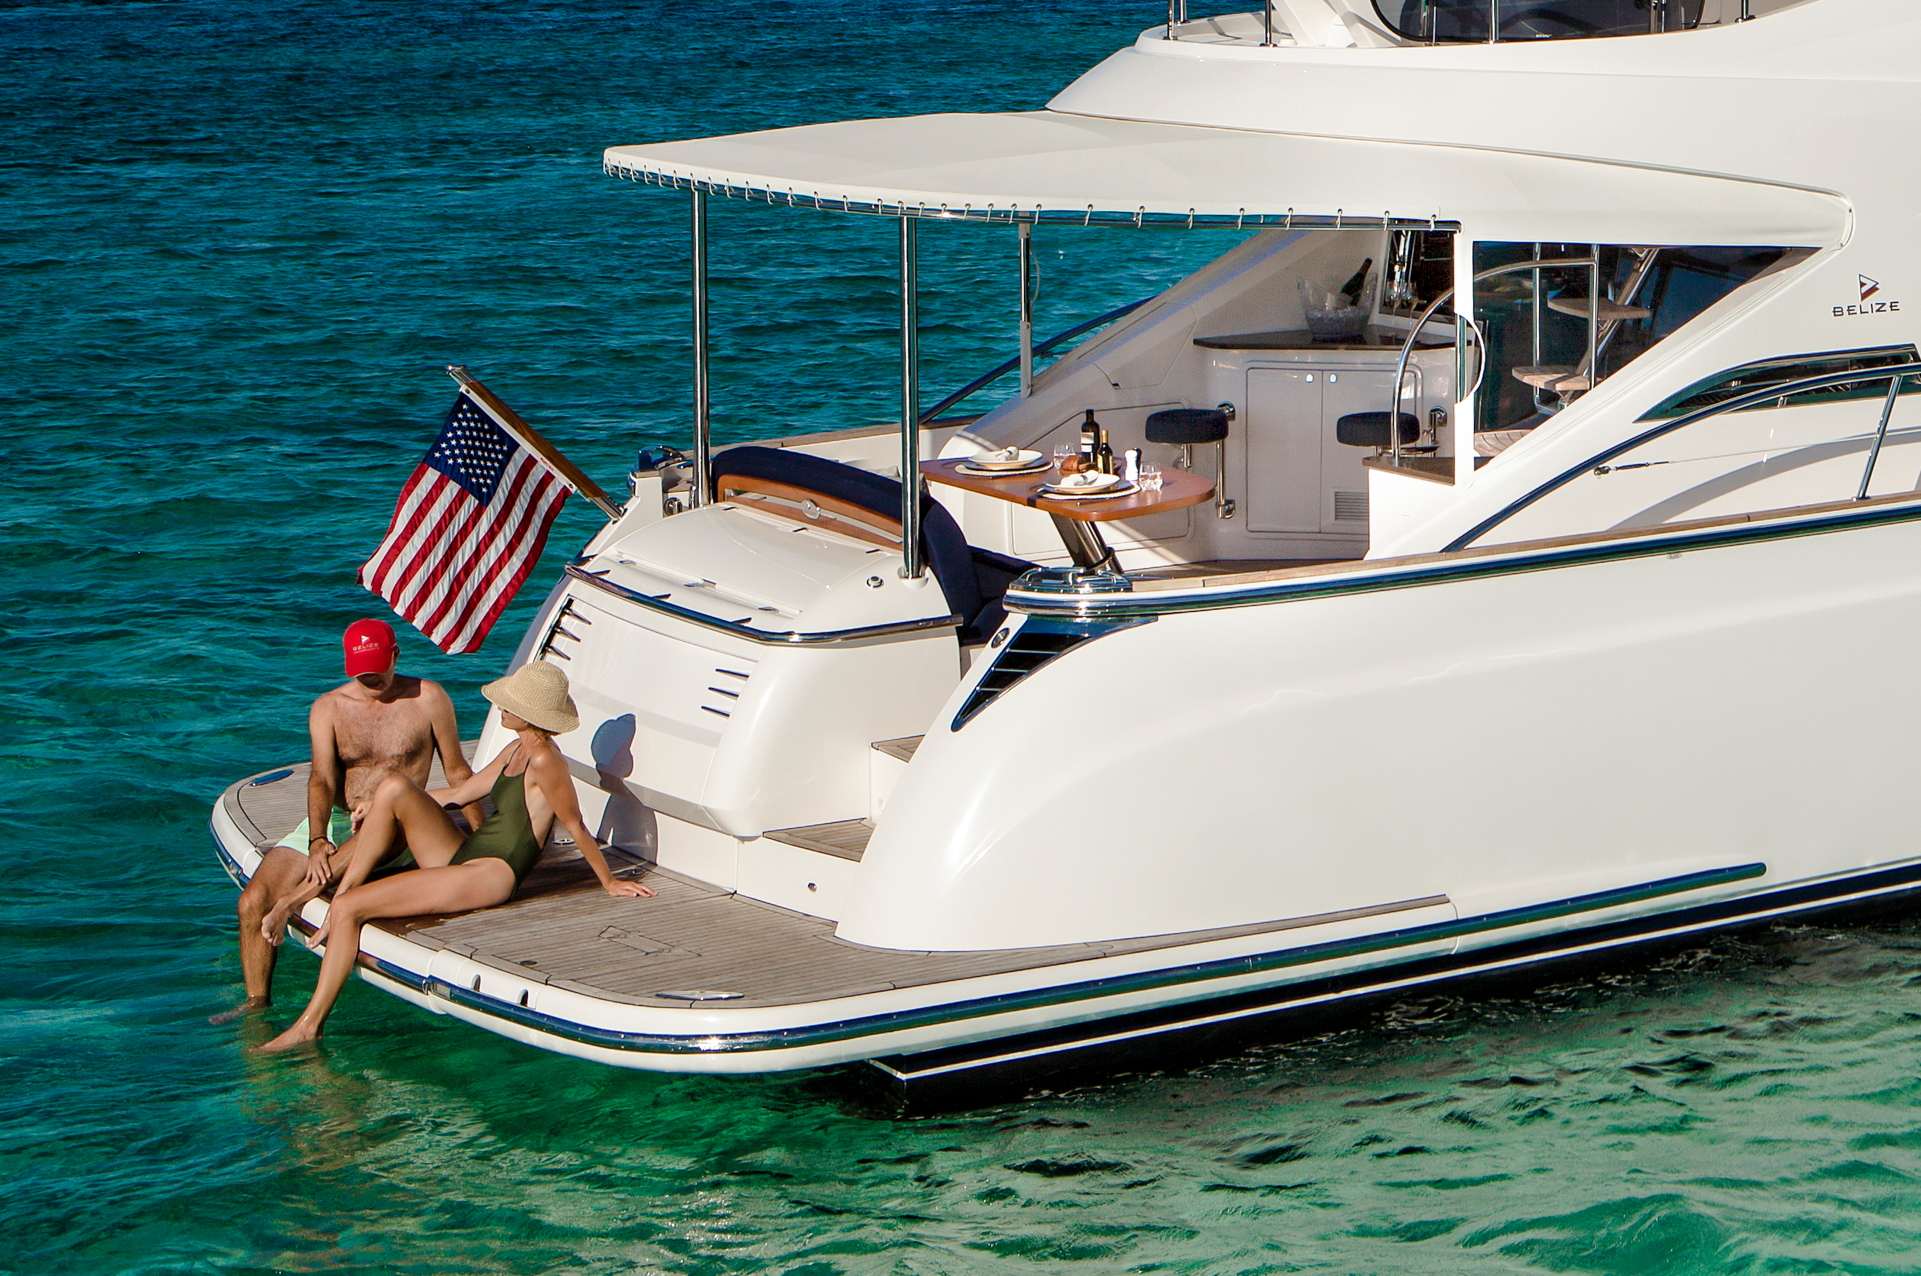 Belize 66 Daybridge